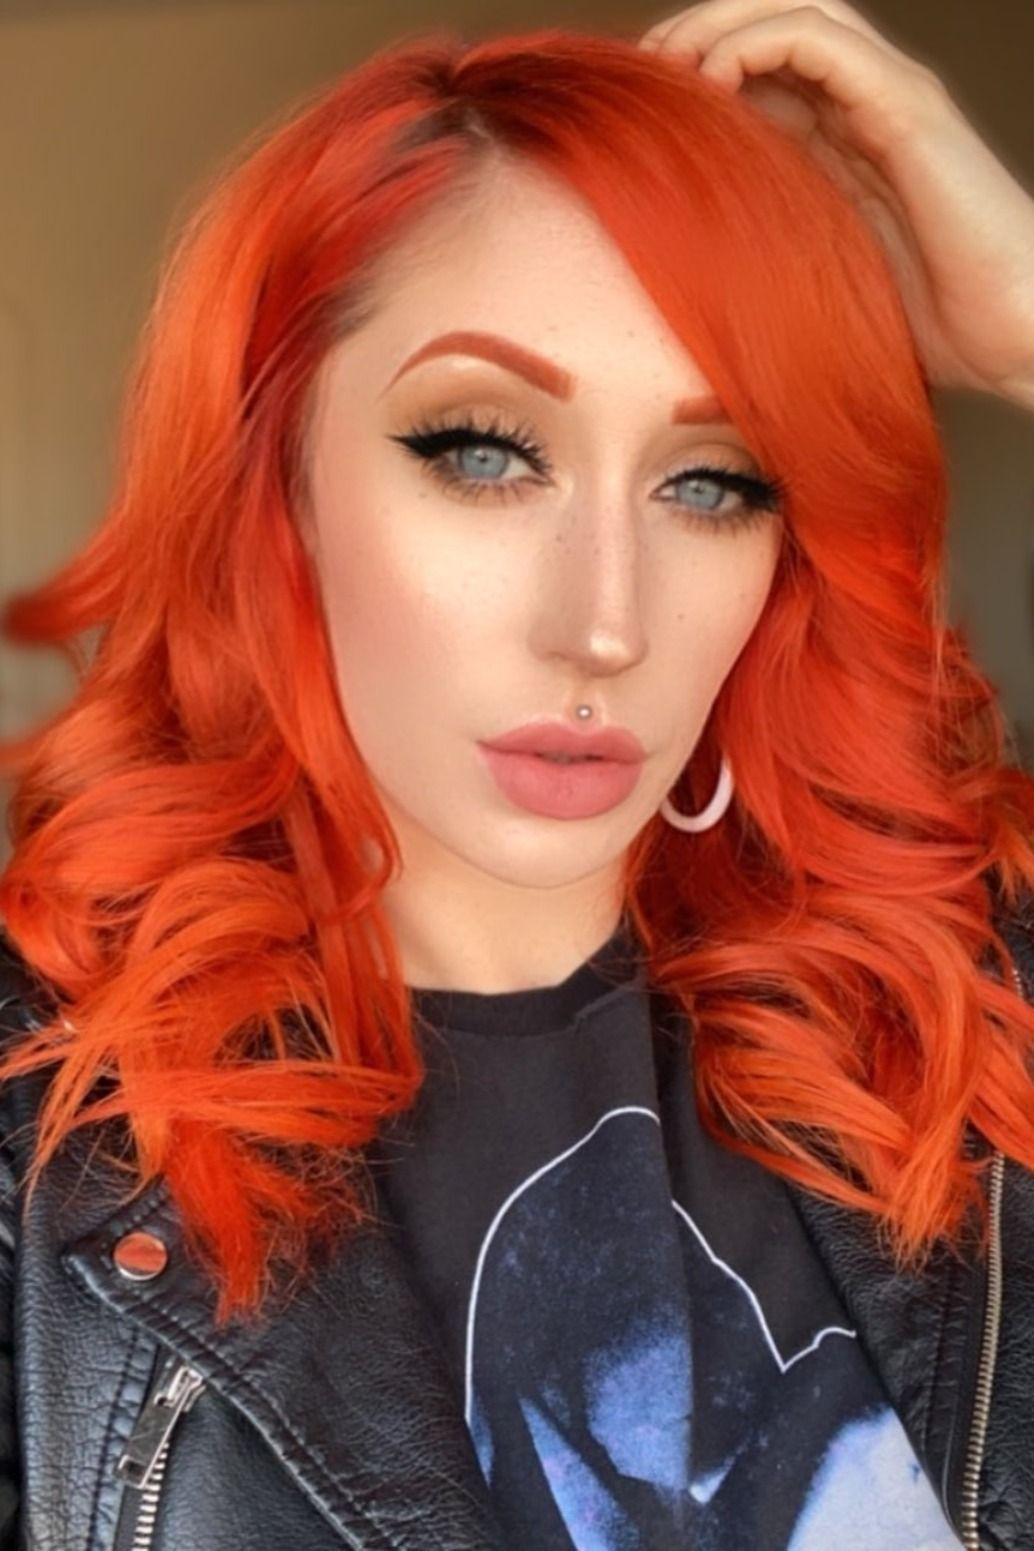 Dyed Hair Razordolls Hair Color For Black Hair Hair Color Crazy Hair Styles